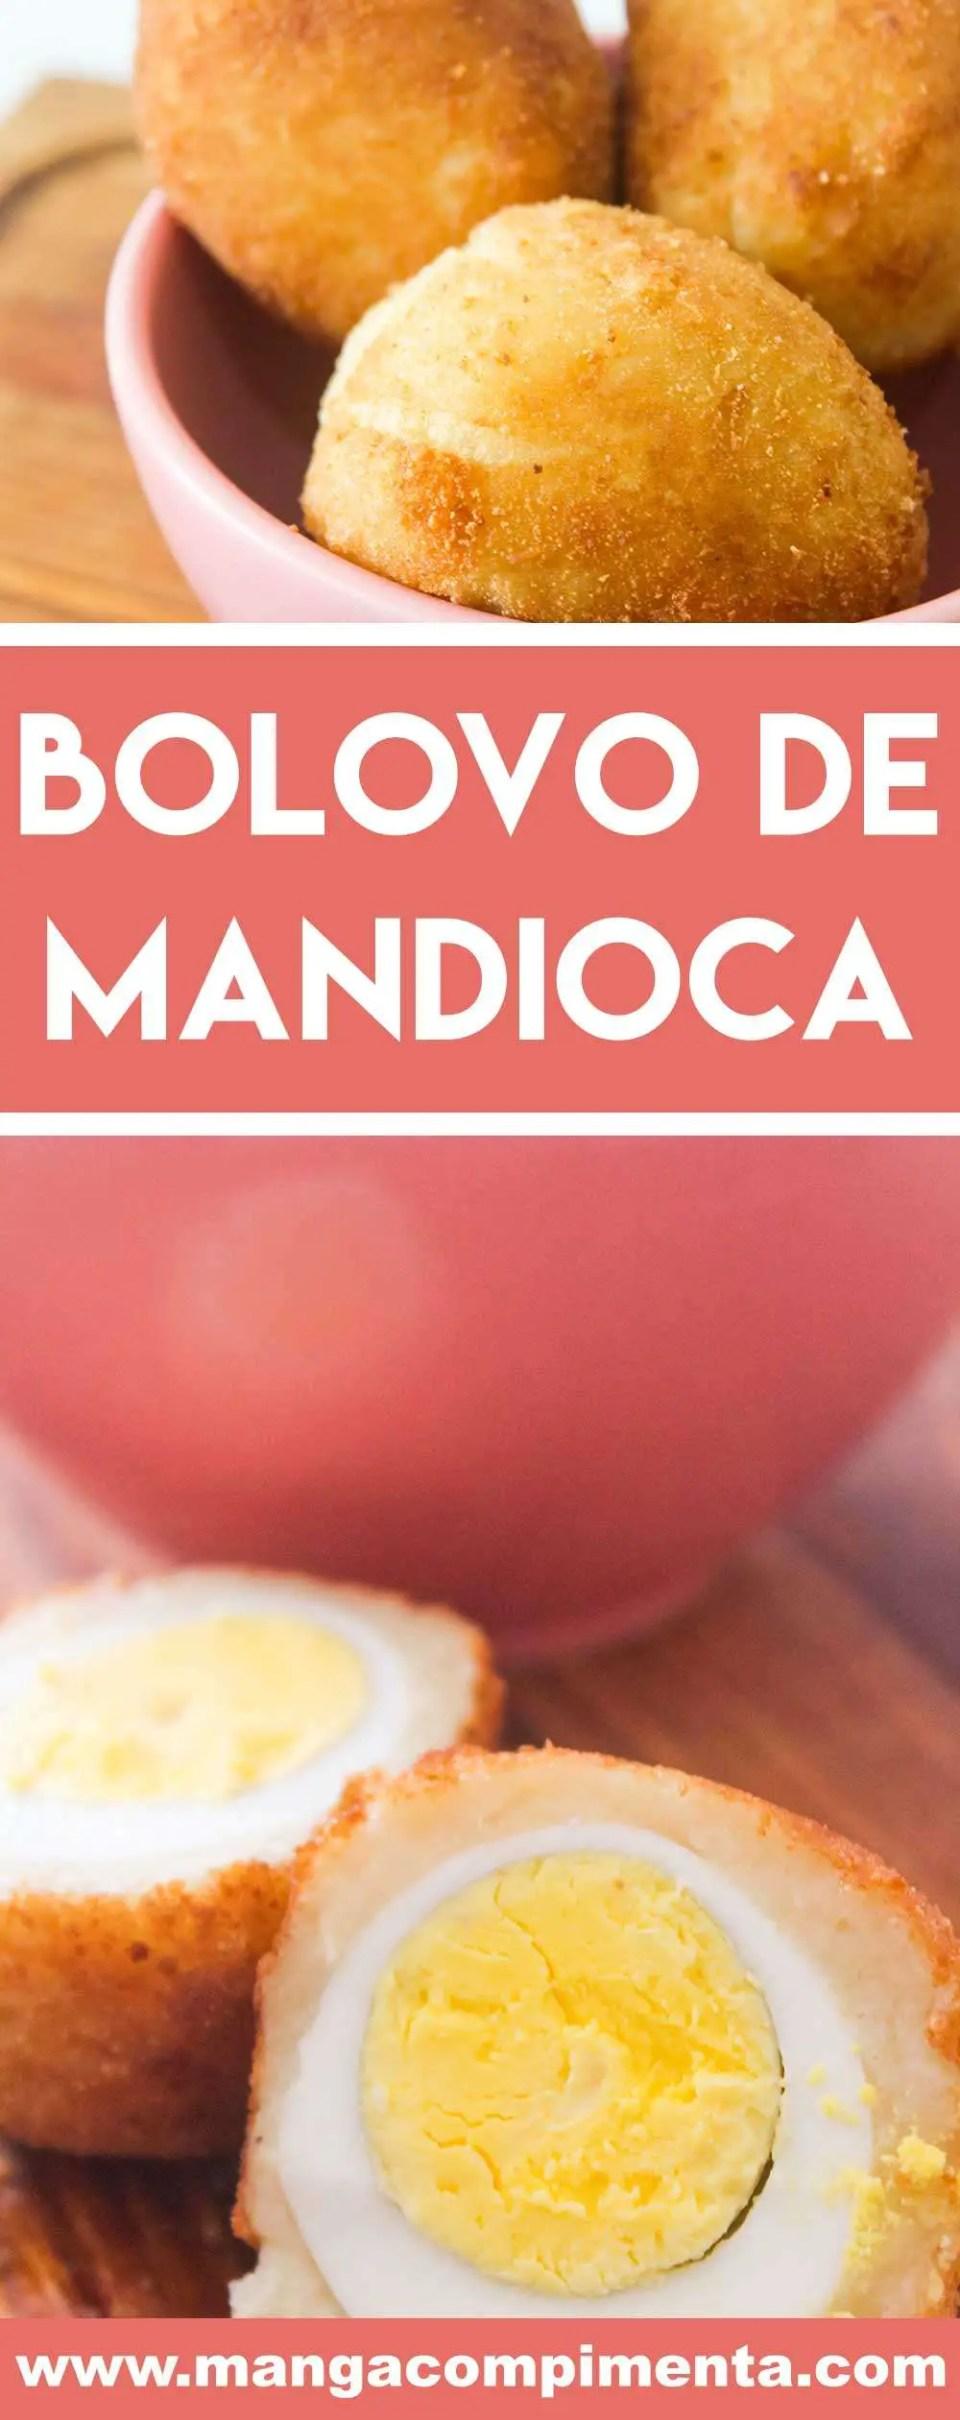 Receita de Bolovo de Mandioca - prepare para petiscar com aquela bebida bem gelada!